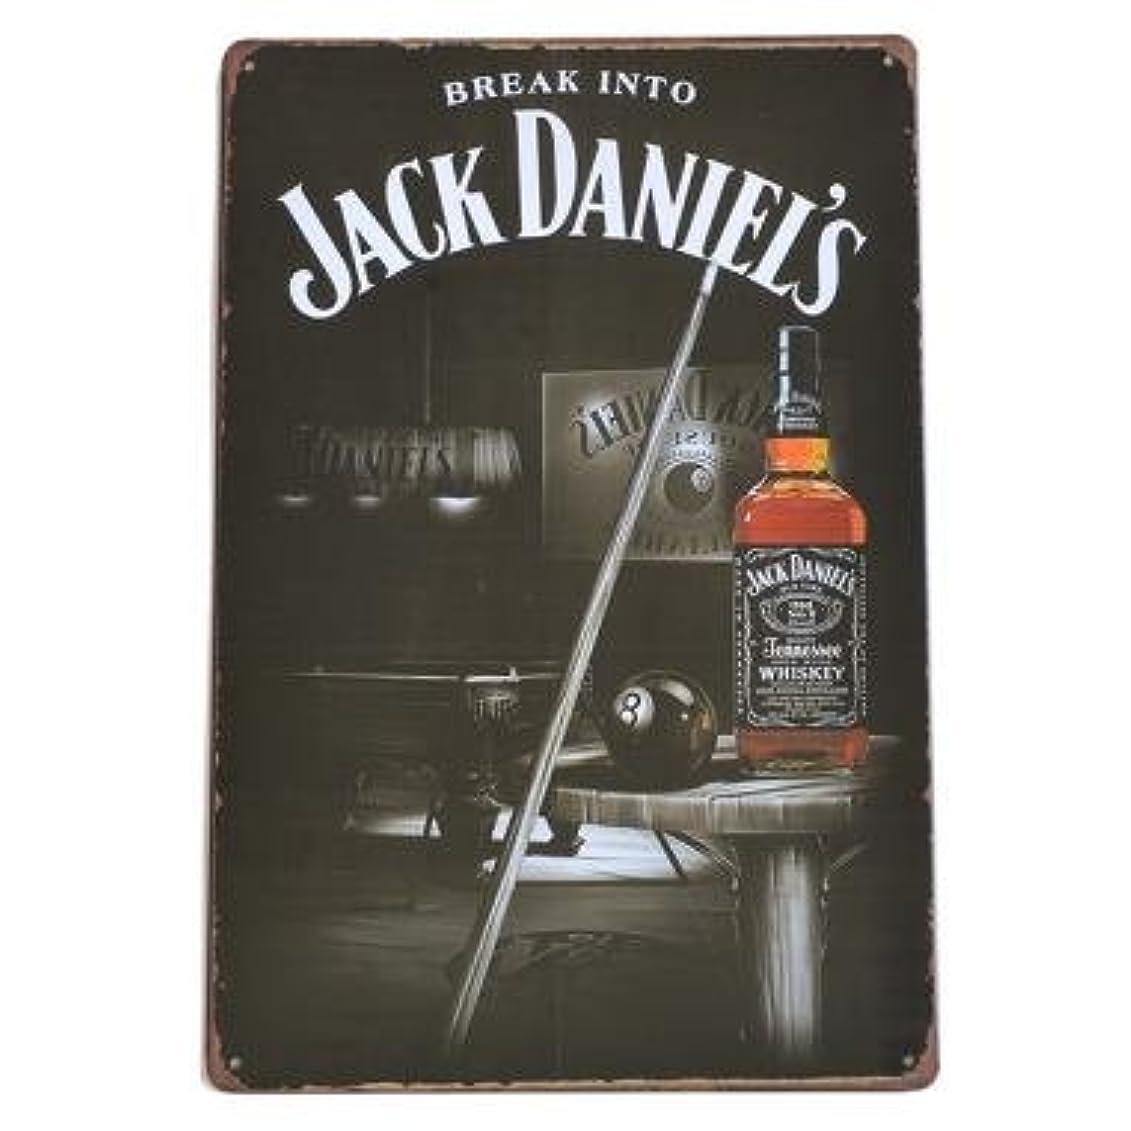 施し目に見える航海JACK DANIEL'S ブリキ看板 ジャックダニエル 看板 No.7 40cm×30cm (デザイン1) [並行輸入品]